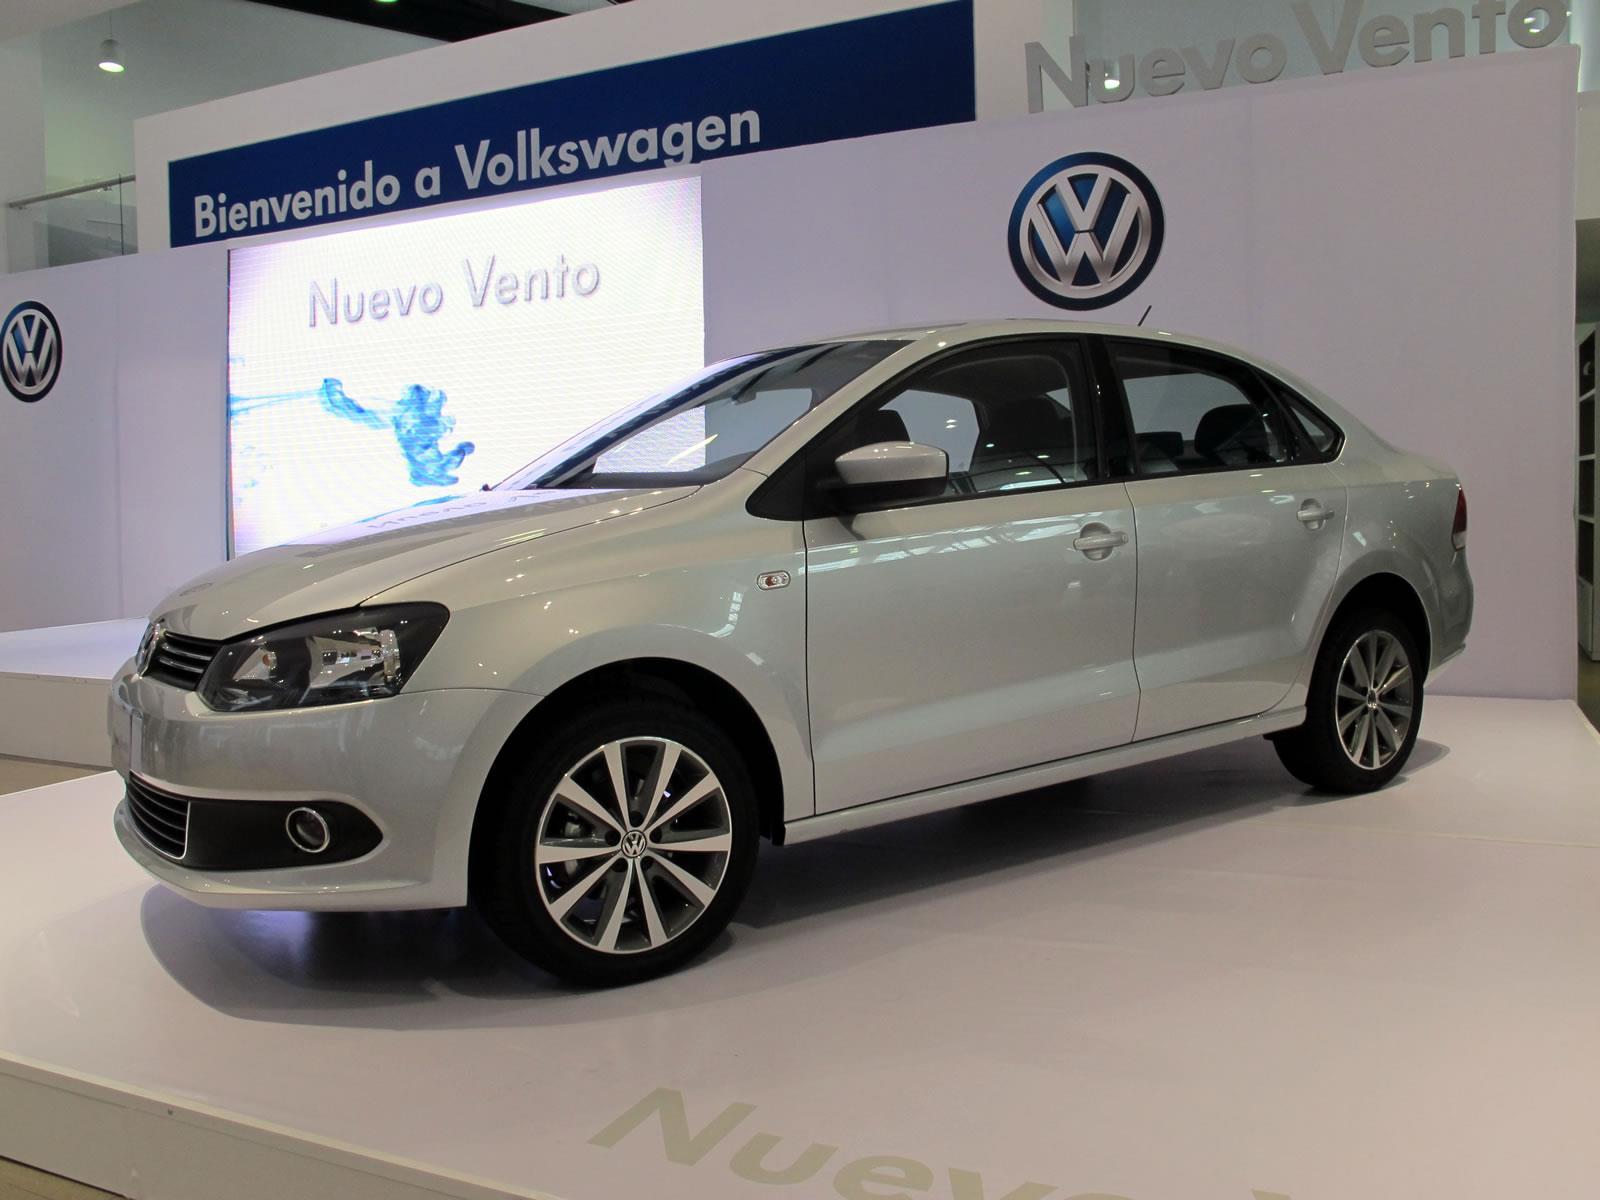 Volkswagen Nuevo Vento 2014 191 El Sustituto Del Jetta